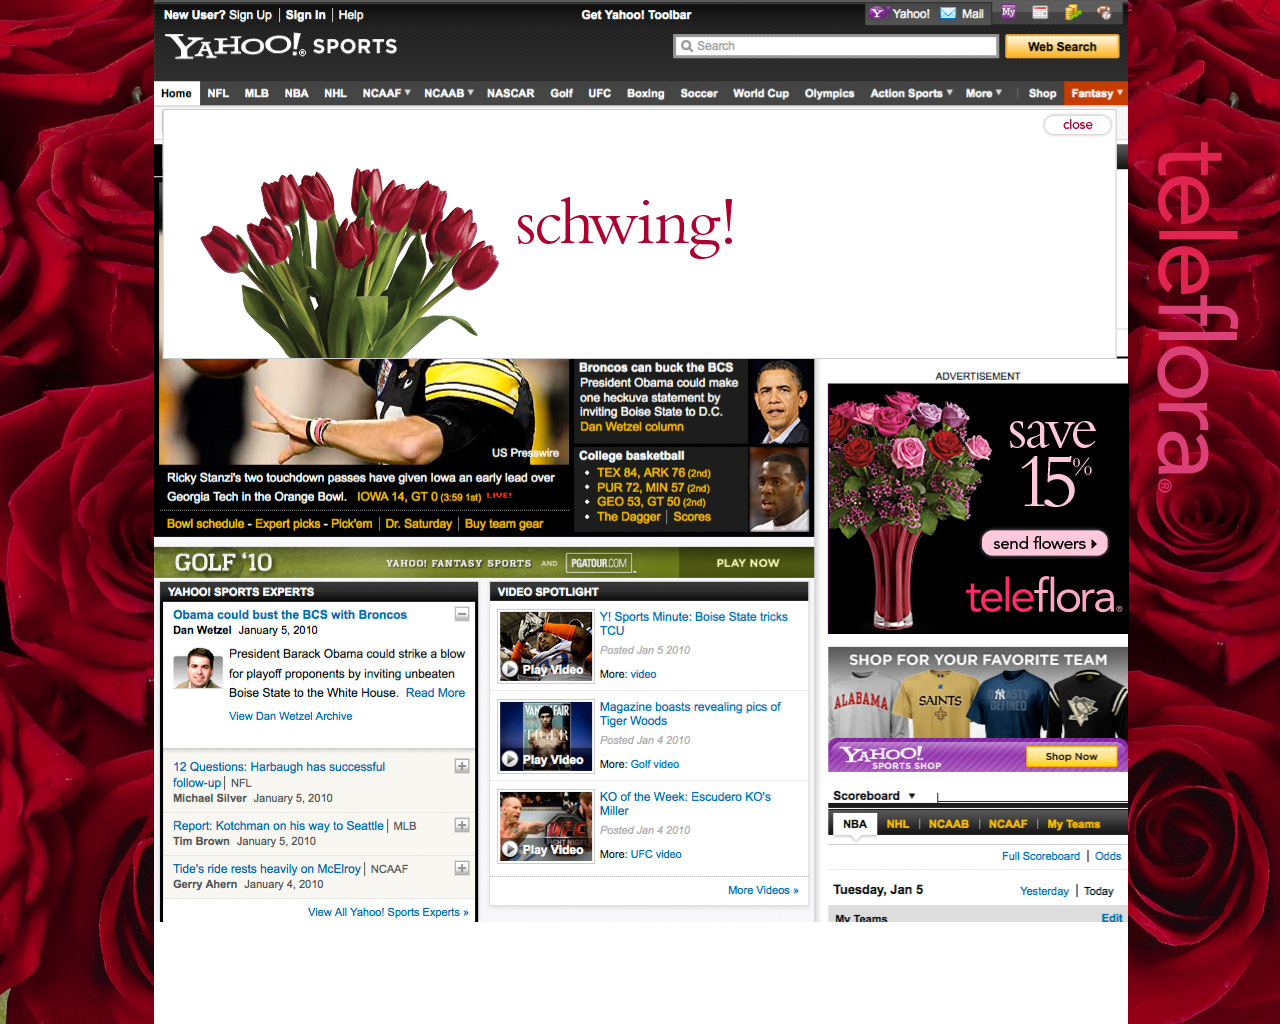 Schwing_YahooSports_Page_3.jpg